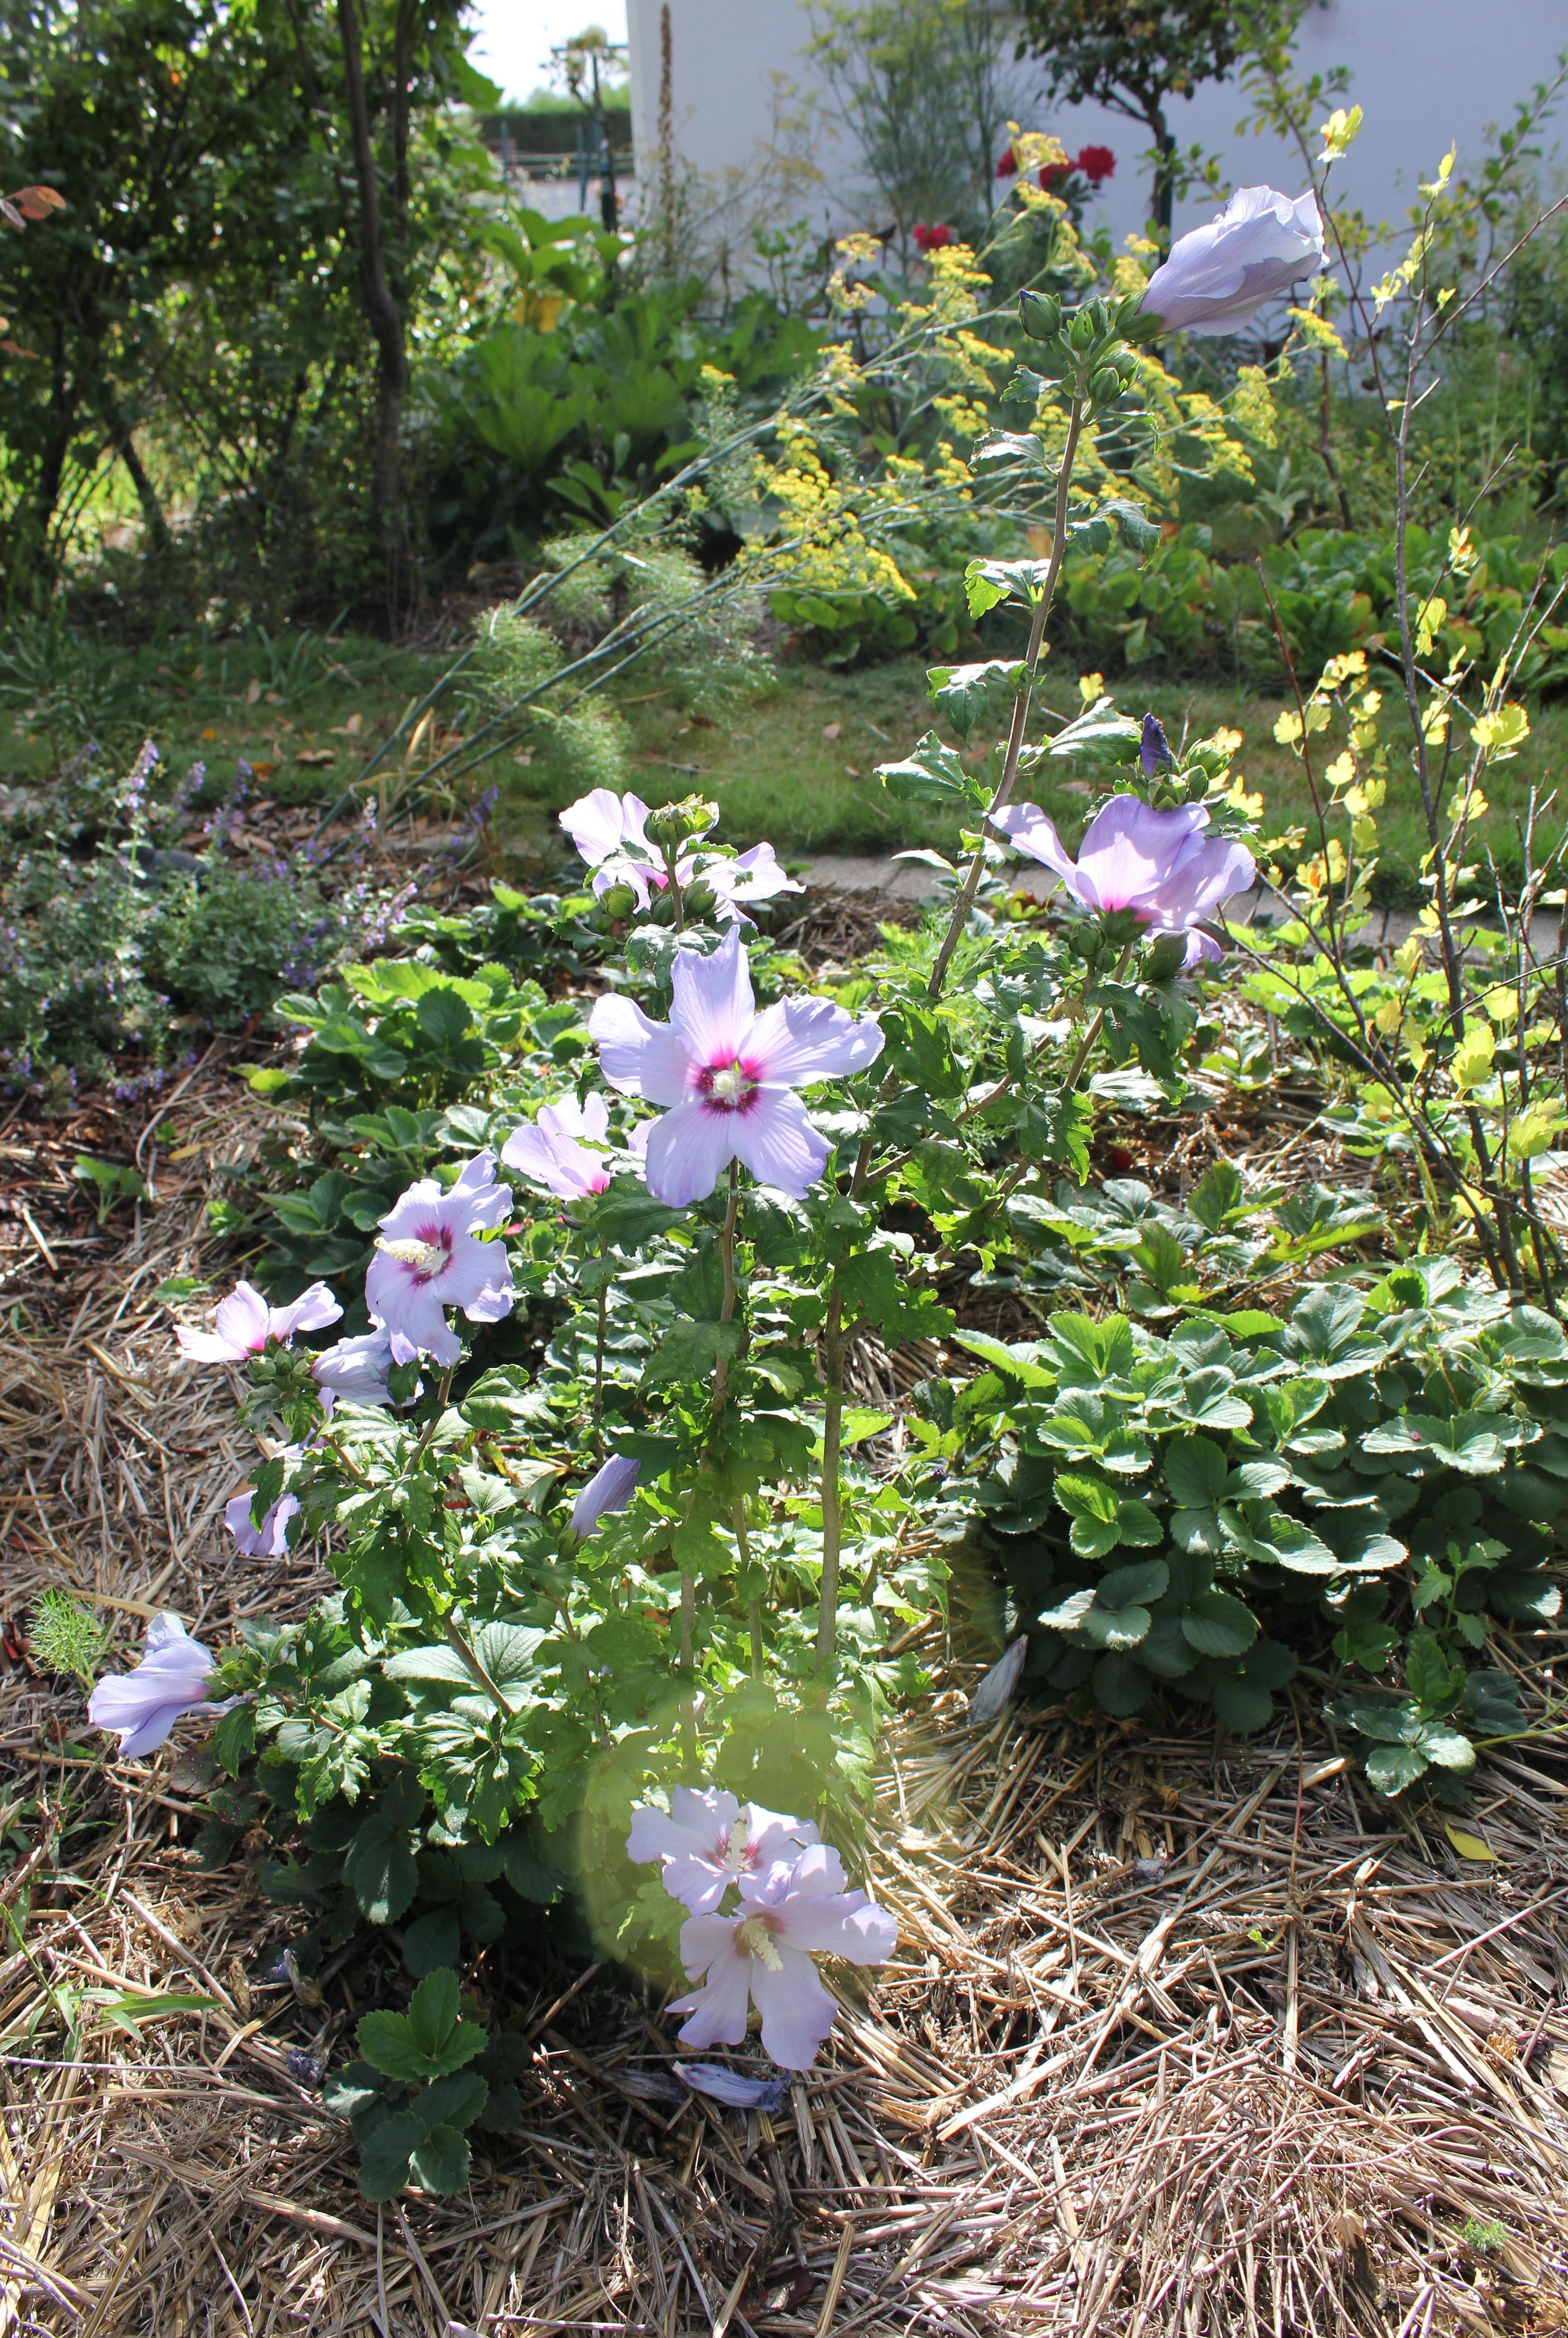 Les hibiscus syriacus du jardin - Sable émouvant